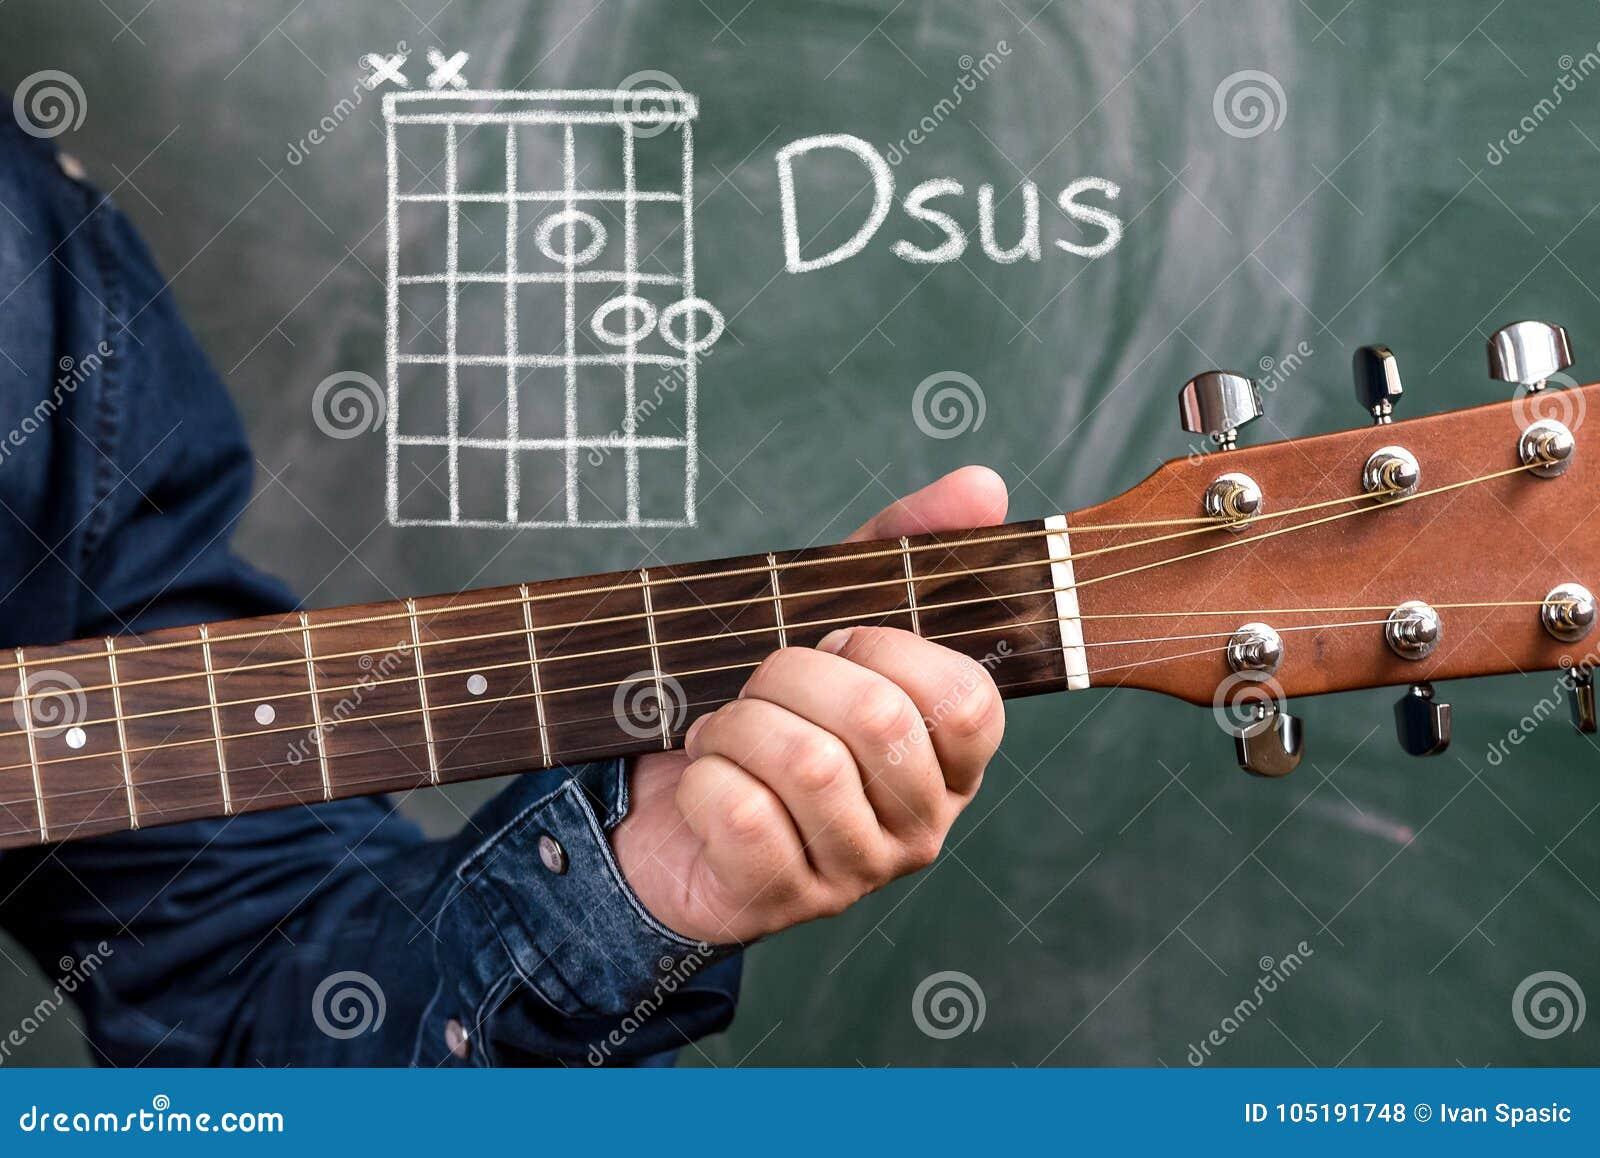 Man Playing Guitar Chords Displayed On A Blackboard Chord Dsus